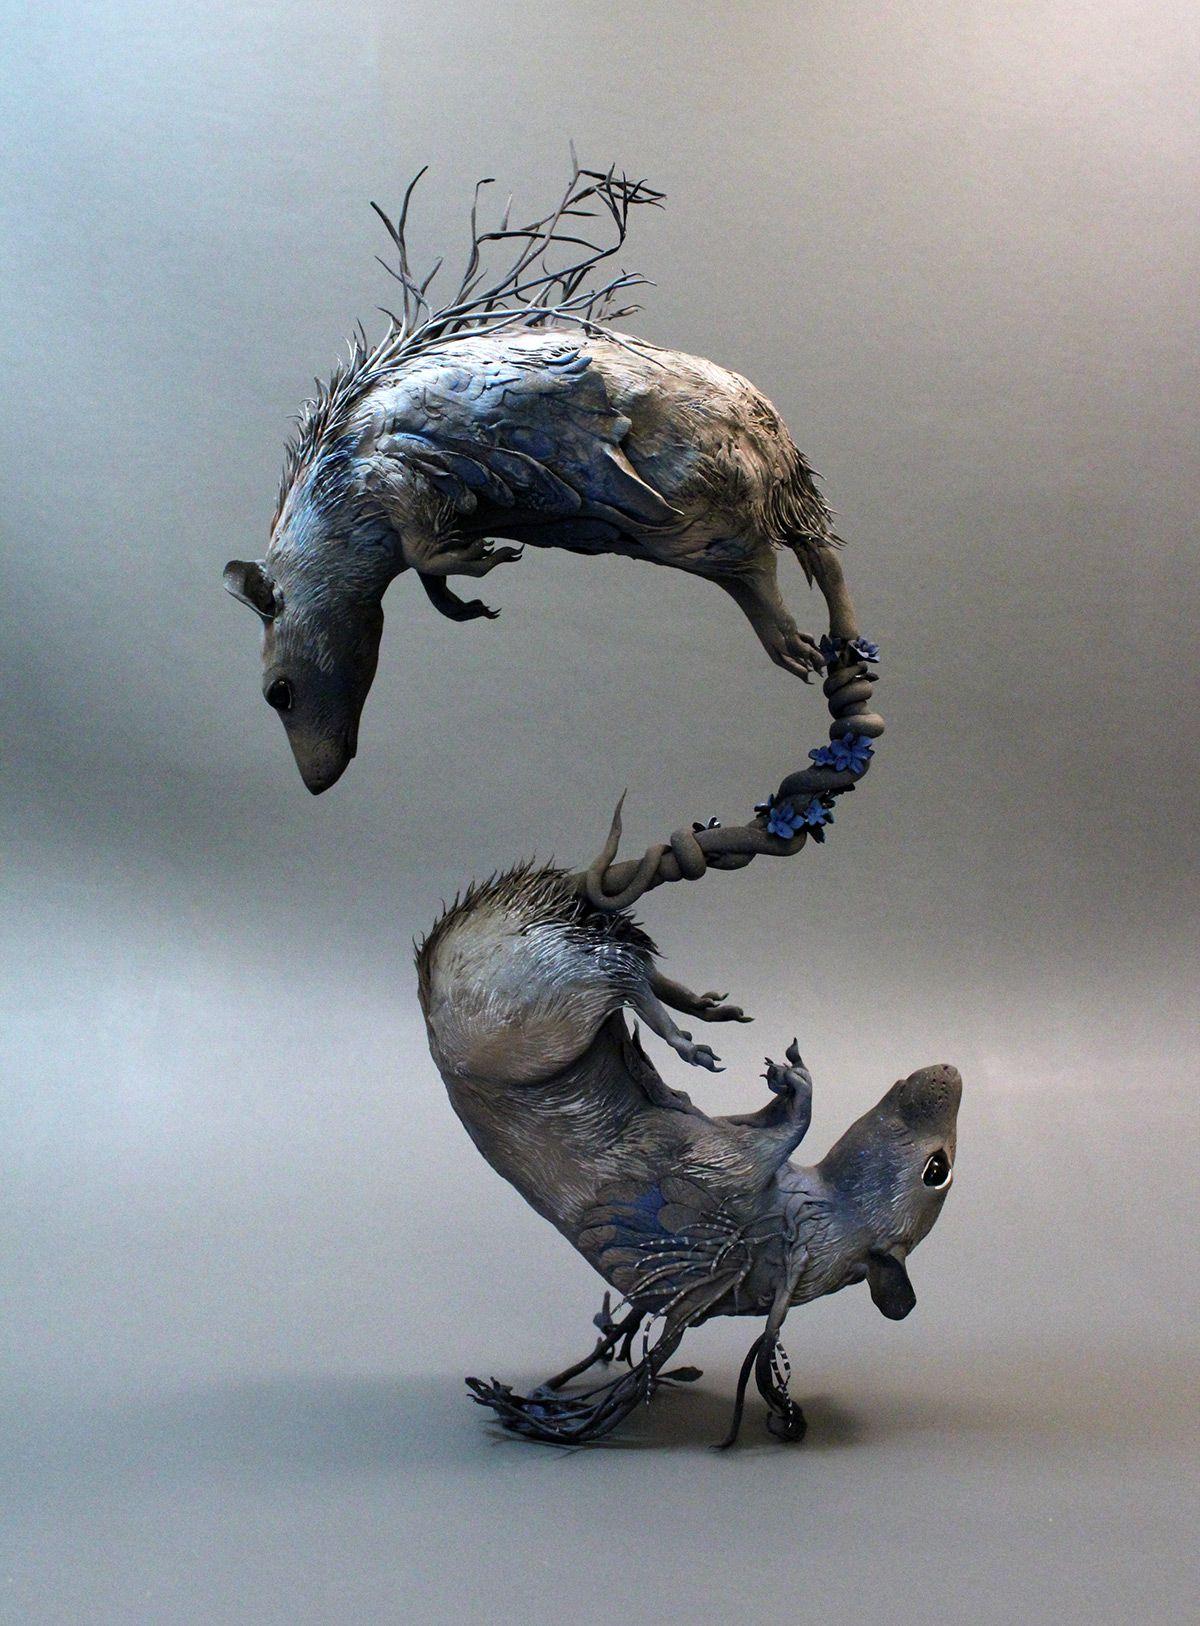 escultura de ratas creadas con plantas